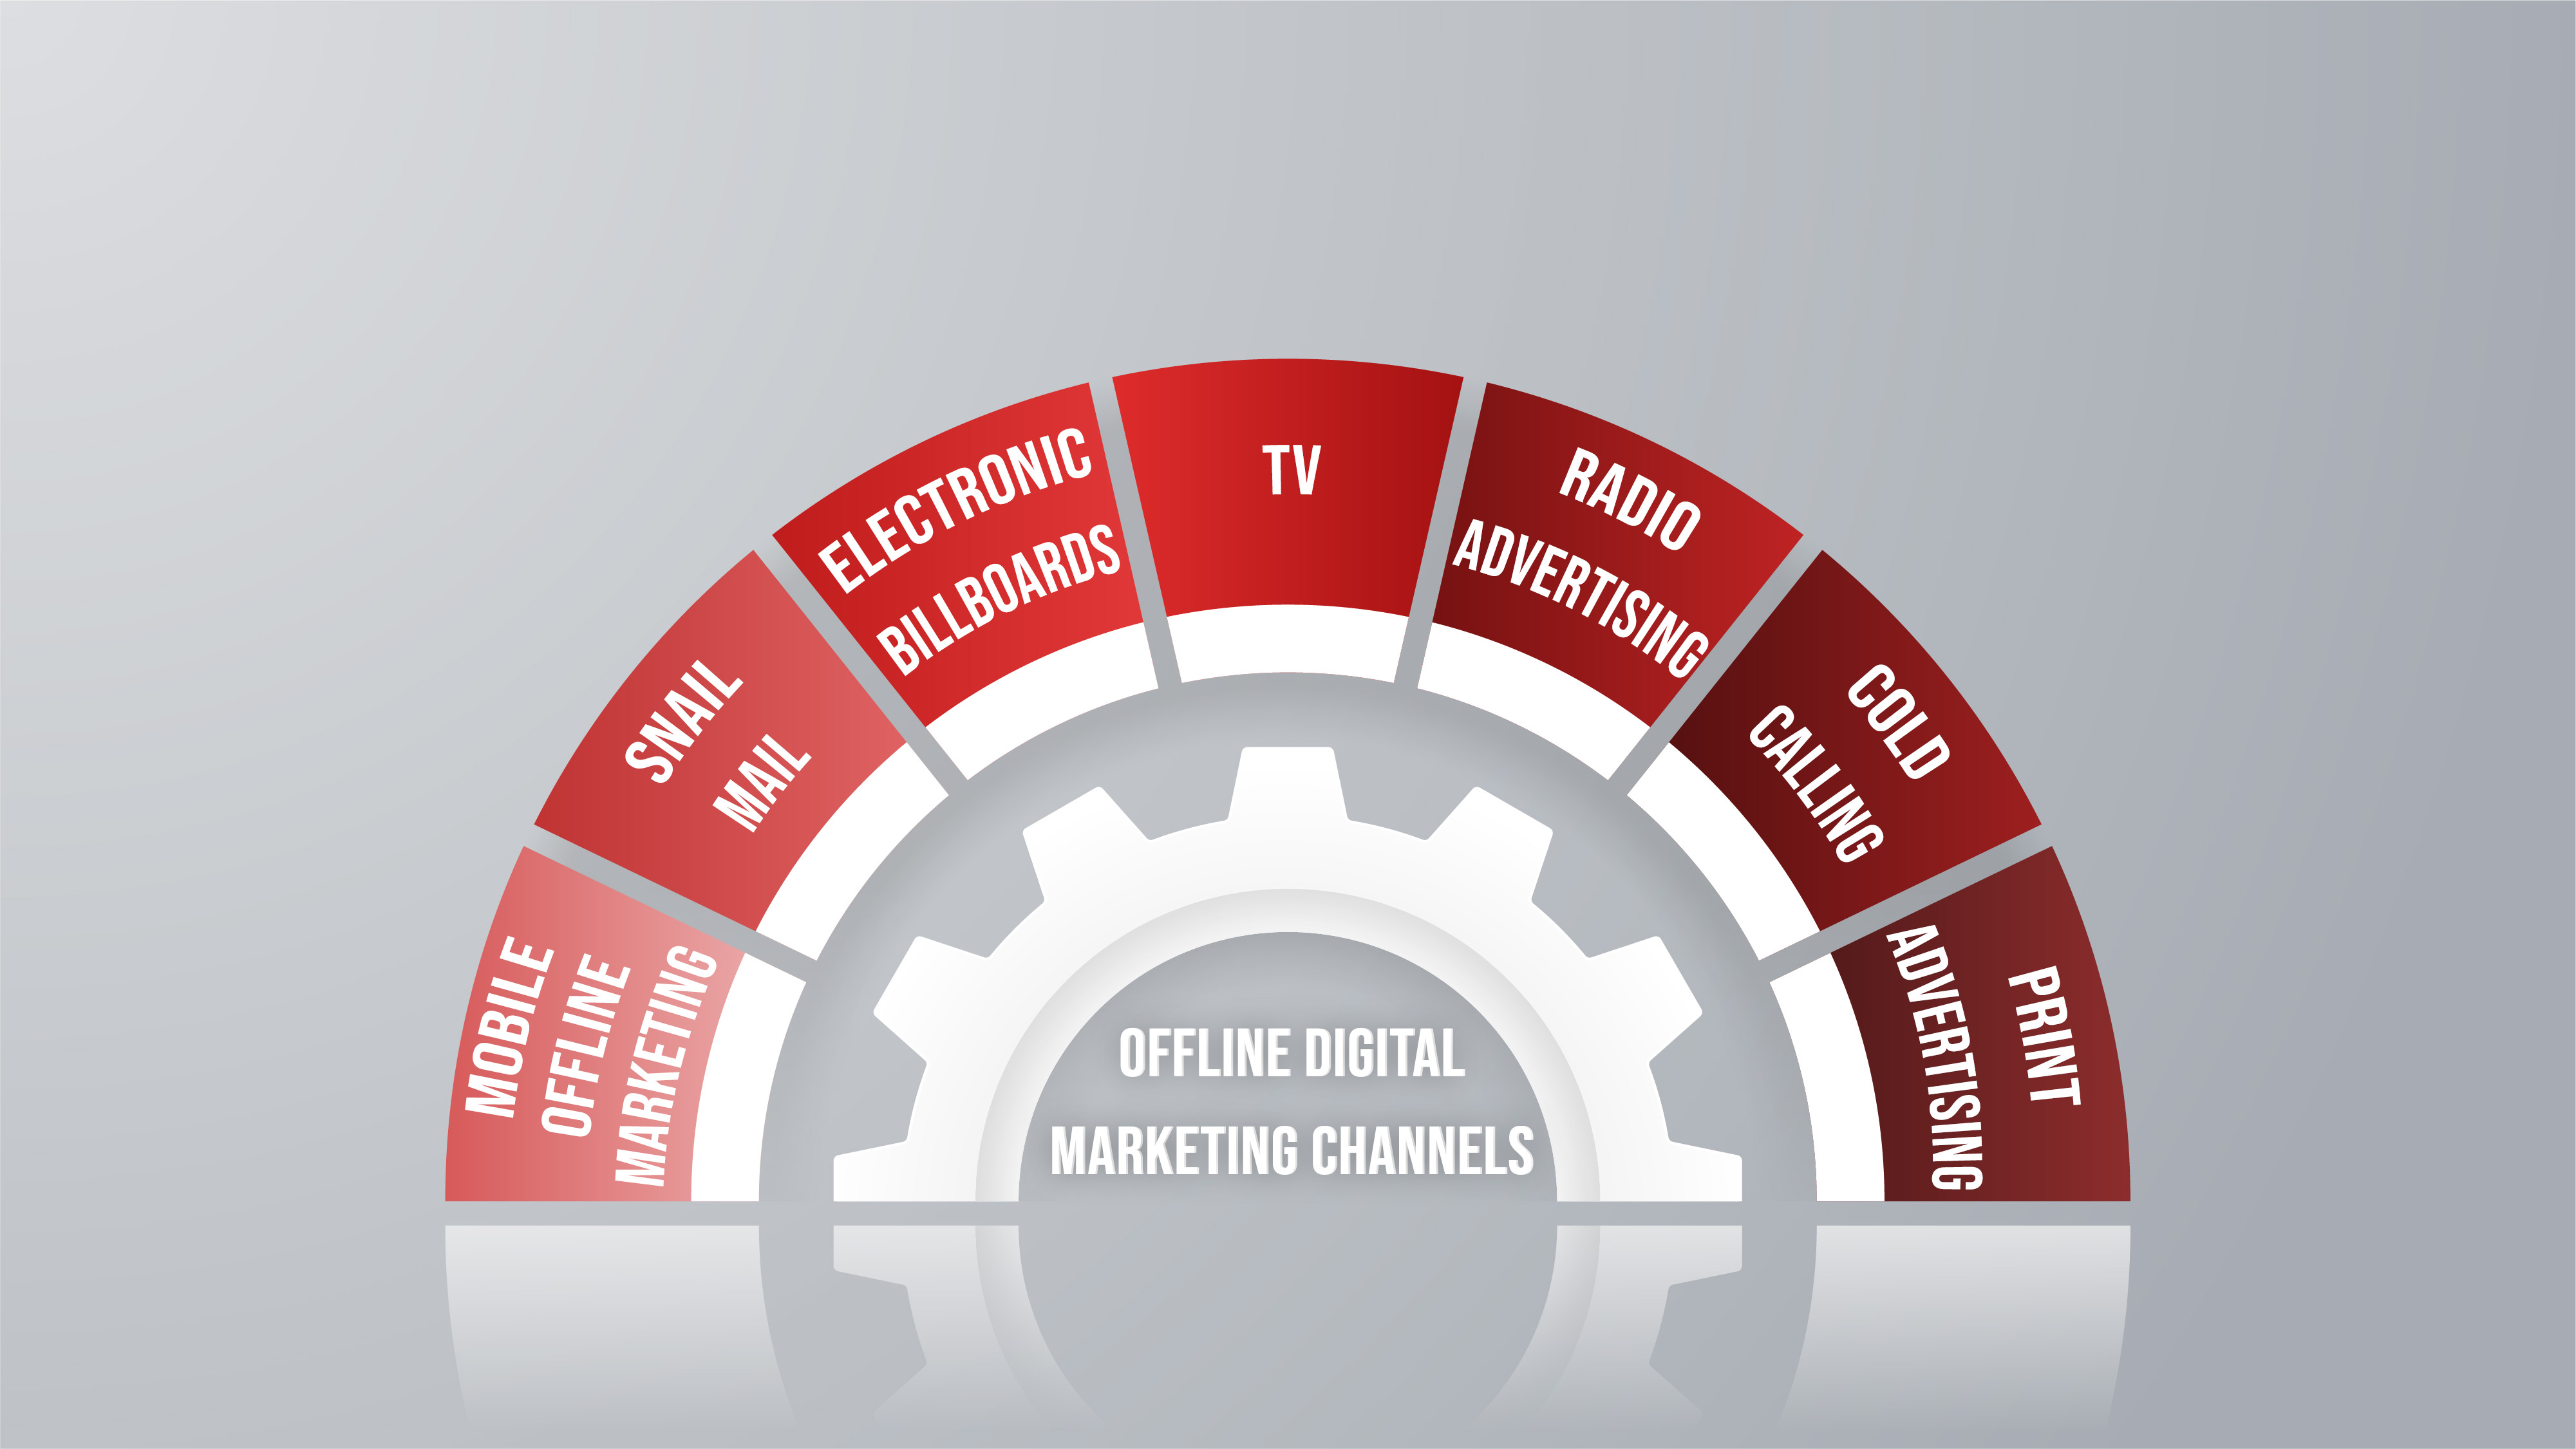 offline digital marketing channels graphic   ADventure Marketing Tampa